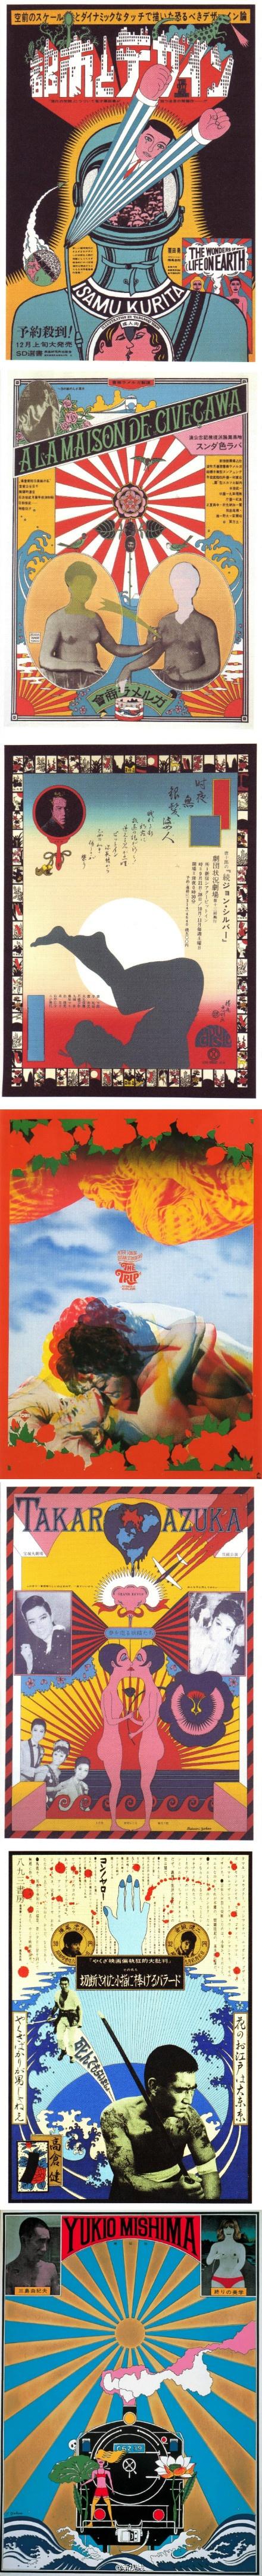 横尾忠則, 1986